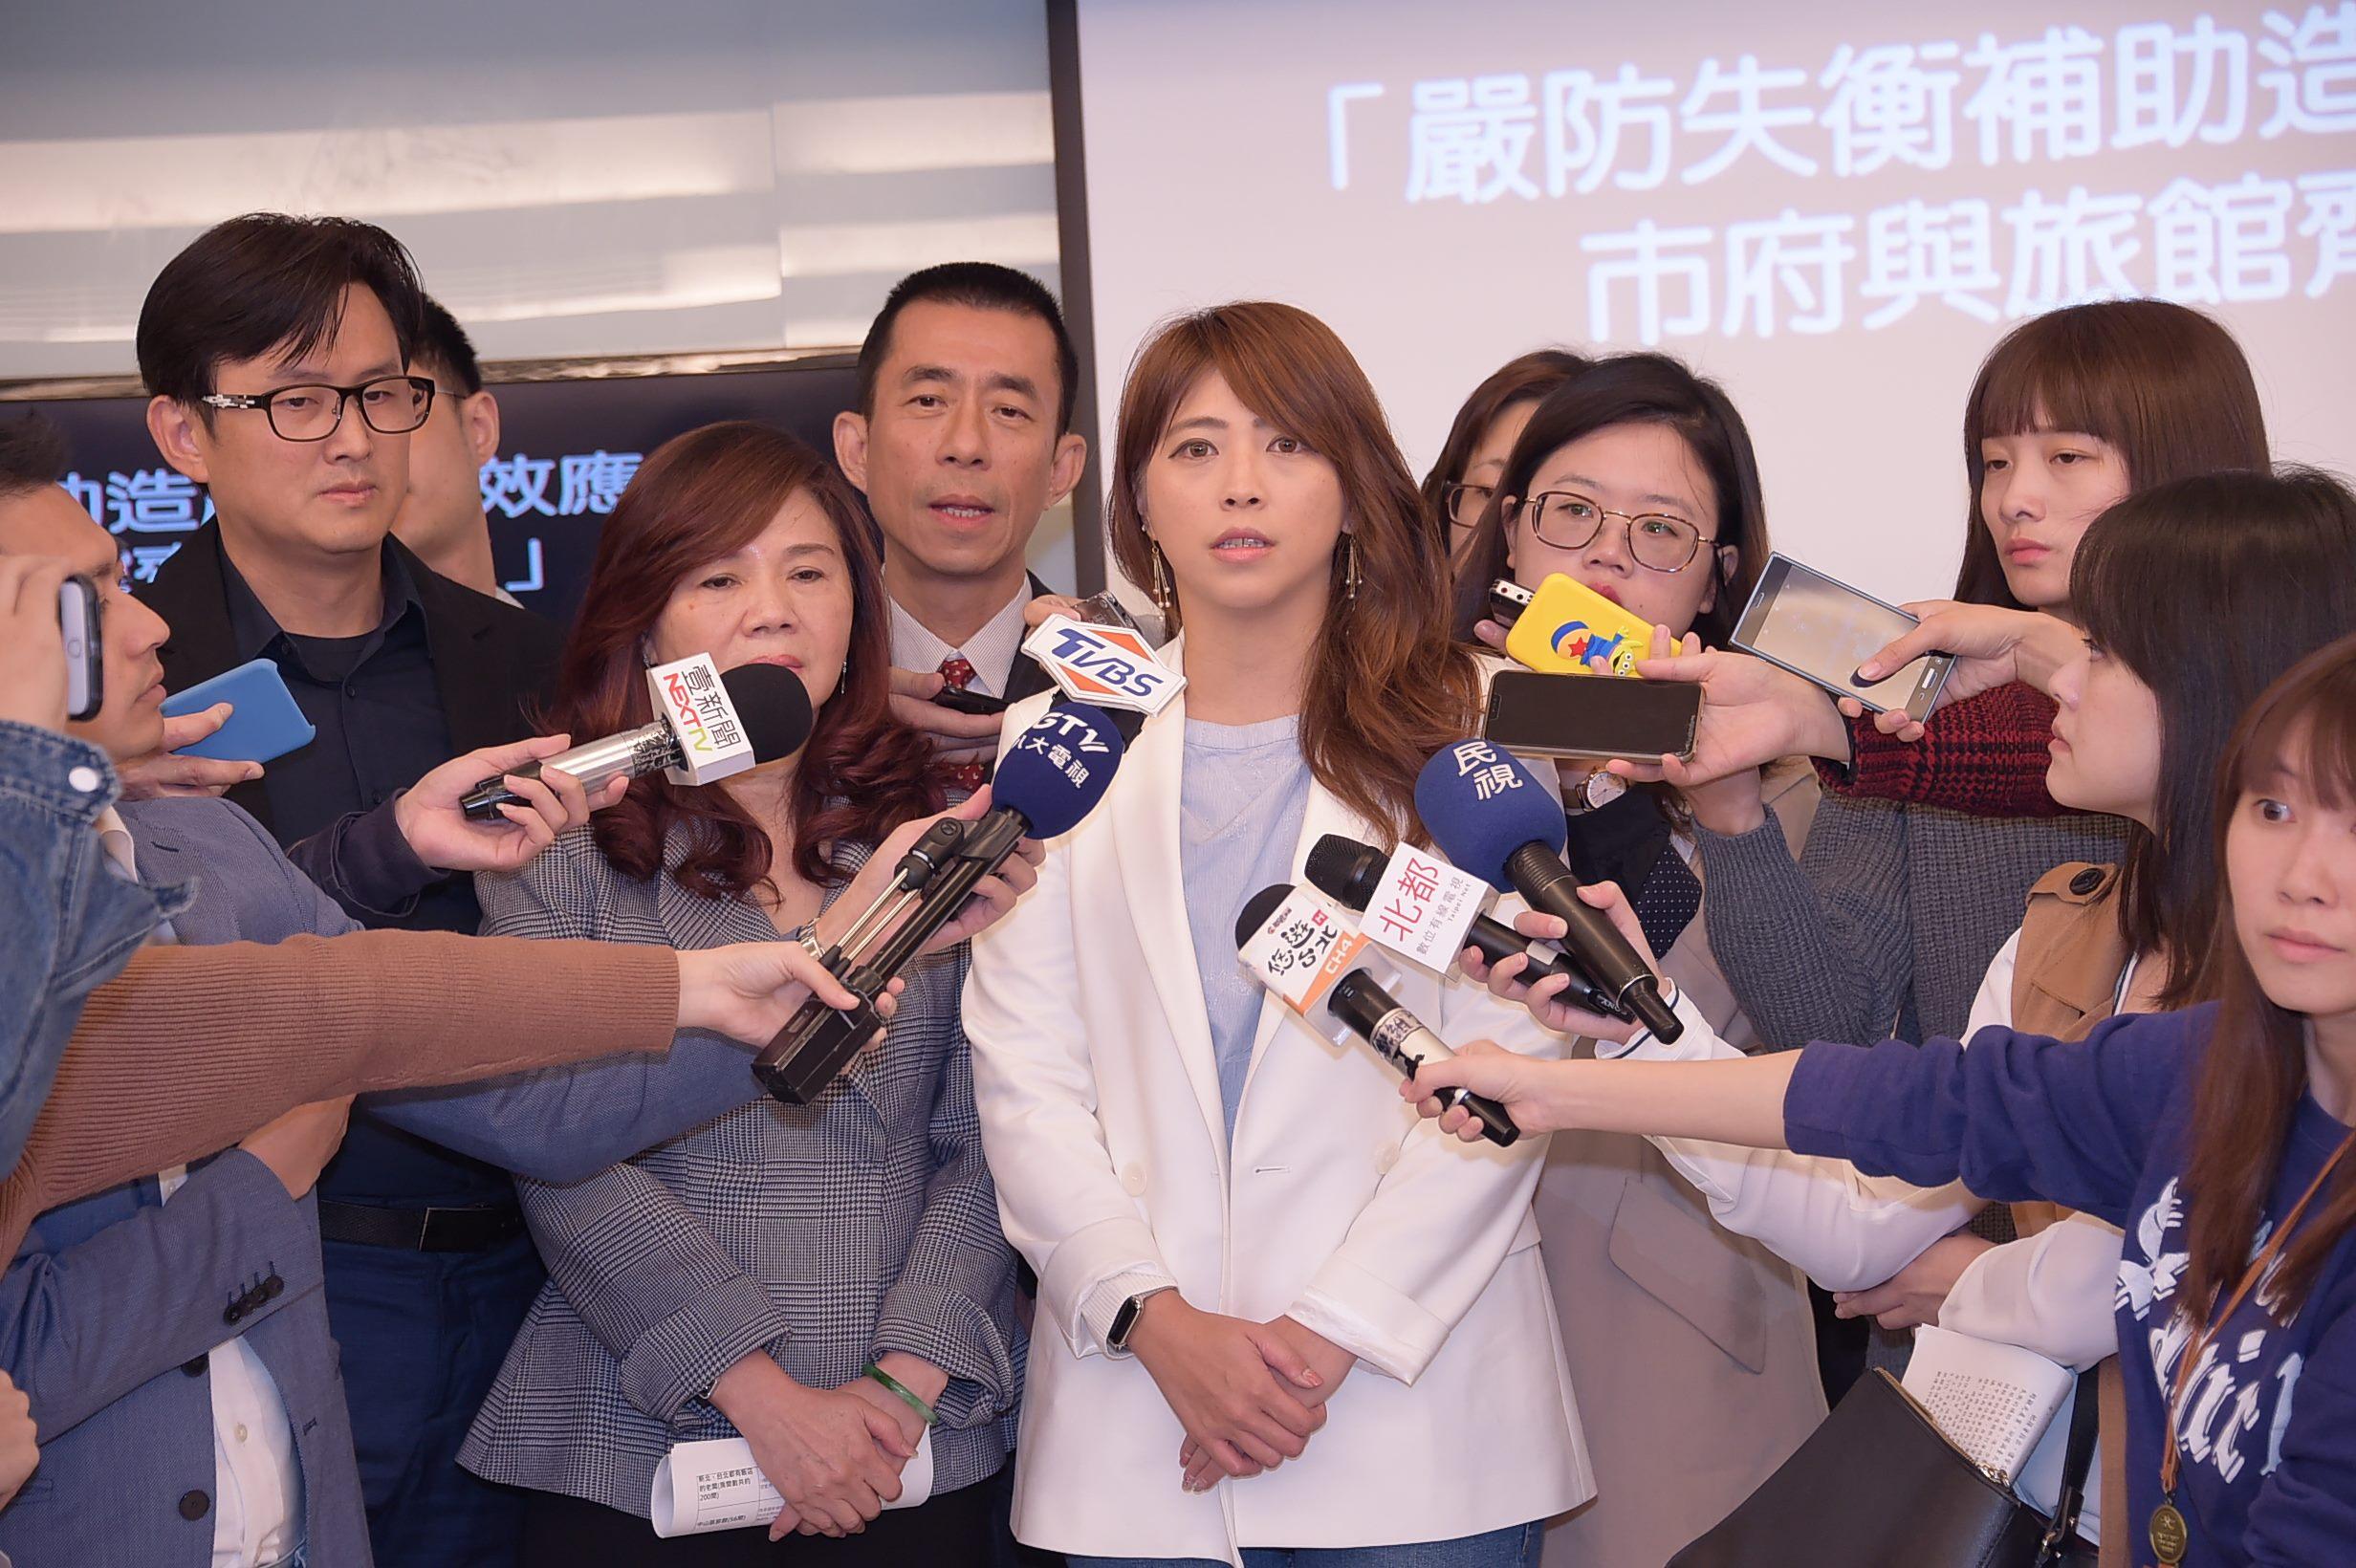 觀傳局長陳思宇表示中央發布擴大國旅方案排除臺北市等3個縣市,對地方業者是變相懲罰